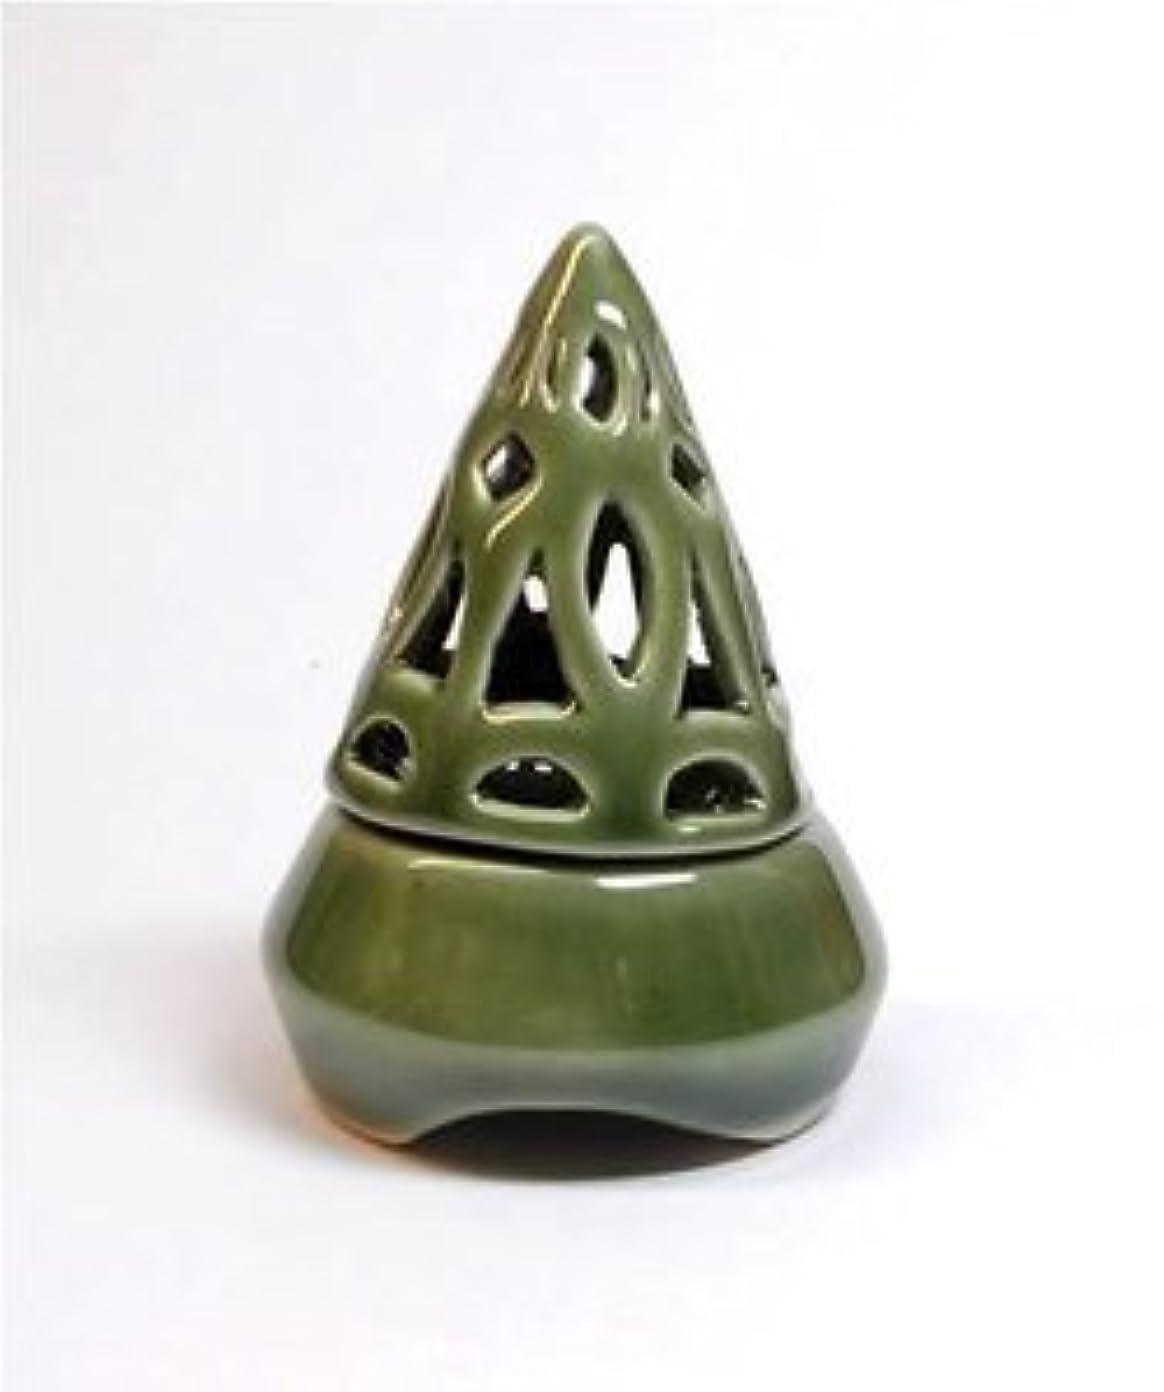 ポルティコプログレッシブ破産香炉コーン型 緑 インセンス ホルダー コーン用 お香立て アジアン雑貨